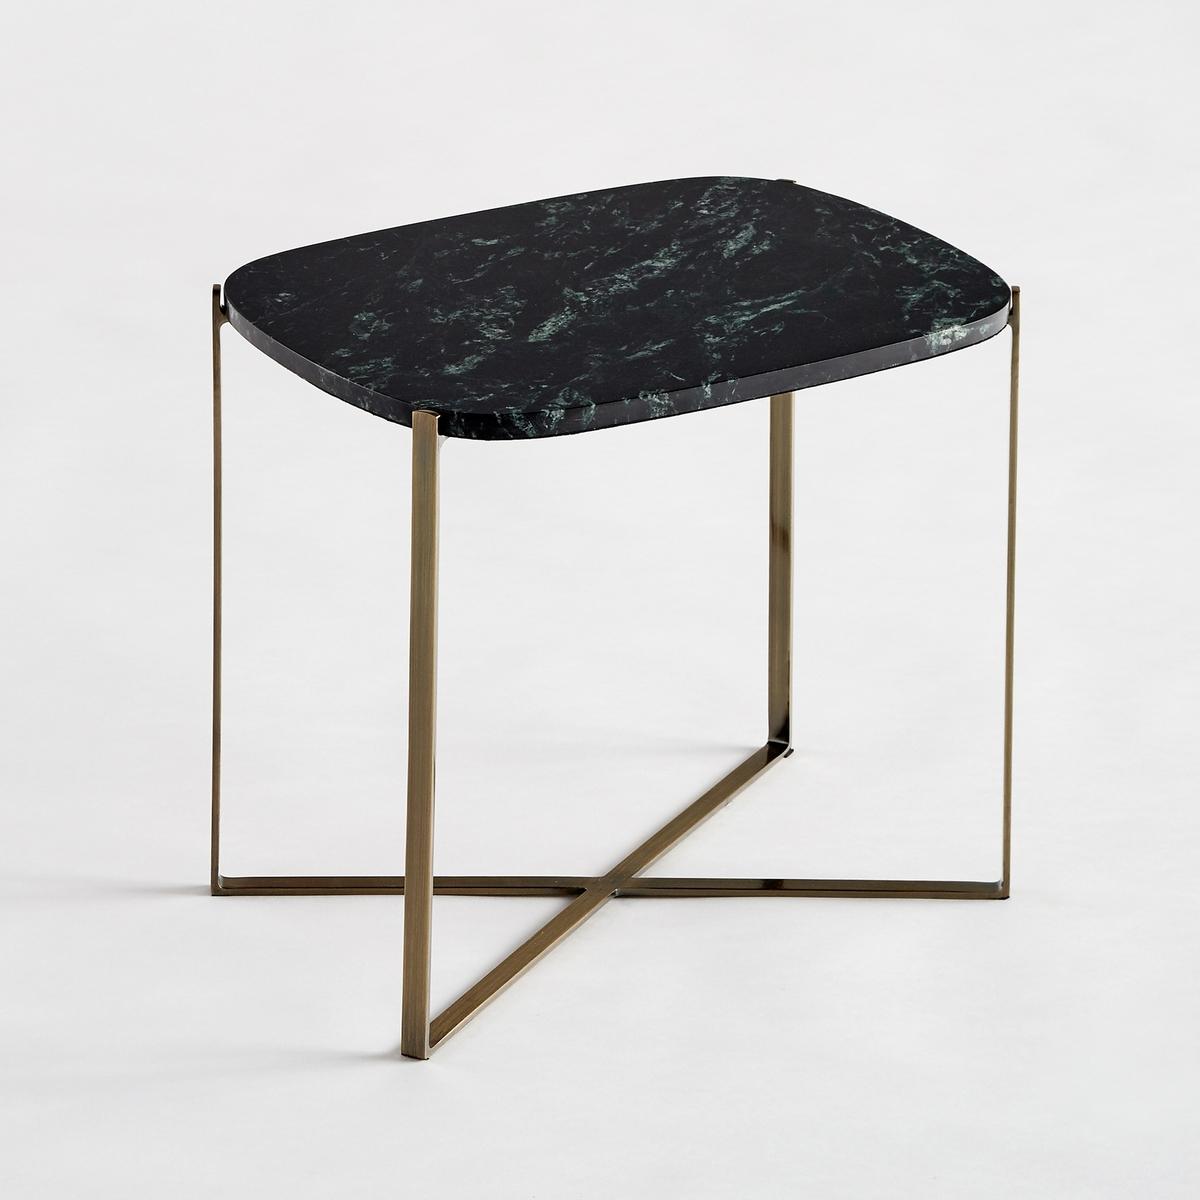 Прямоугольный диванный столик  . из зеленого марамора/металла ArambolХарактеристики : - Столешница из зеленого мрамора, толщ. 1,5 см  . Каждое изделие уникально  . Прожилки могут  быть более или менее заметны  .- Каркас из металла с отделкой из латуни с эффектом старения- Органическая форма- Столик готов к сборке в соответствии с прилагающейся инструкциейРазмеры : - 41 x 38 x 31,7 см Размеры и вес упаковки : - 2,5 x 10 x 46,4 см, 5,82 кг и 42 x 42 x 27,5 см, 2,38 кгДоставка :Доставка по предварительной договоренности, возможен подъём на этаж !Внимание ! Убедитесь в том, что товар возможно доставить на дом, учитывая его габариты (проходит в двери, по лестницам, в лифты).<br><br>Цвет: зеленый<br>Размер: единый размер